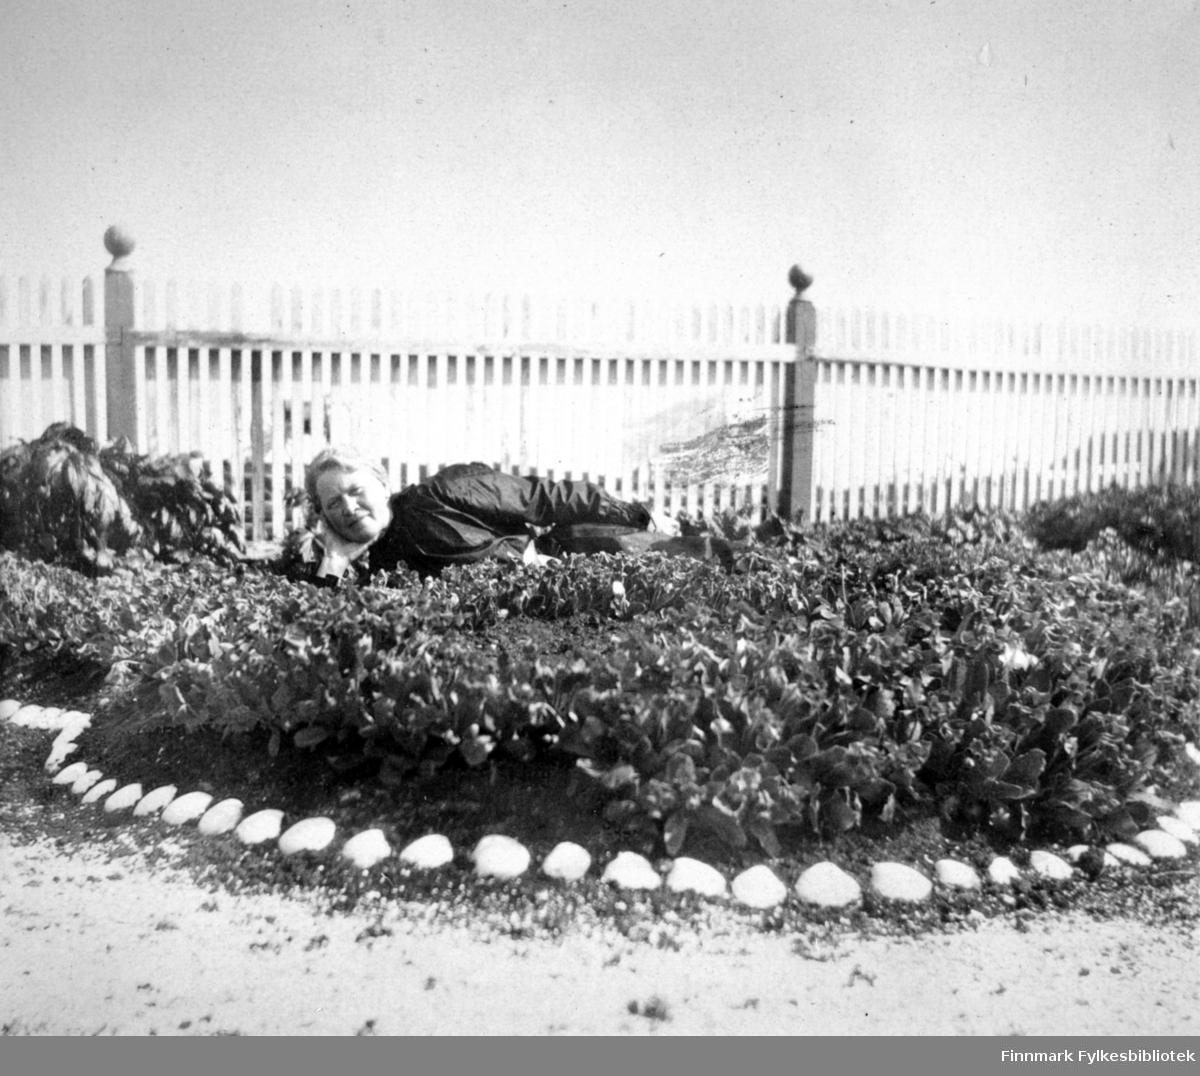 En dame med mørke klær ligger i et blomsterbed en solskinnsdag i Arthur og Kirsten Bucks hage. Det er tett i tett med blomster i det og langs kanten er det lagt steiner, muligens skjell, rundt hele bedet. Ved siden av hodet hennes står en ganske stor og fyldig plante. Bakken foran har sand/jord som er strødd med skjellsand. Et hvitmalt stakittgjerde står i bakgrunnen. Det har mørke stolper med kuler på toppen